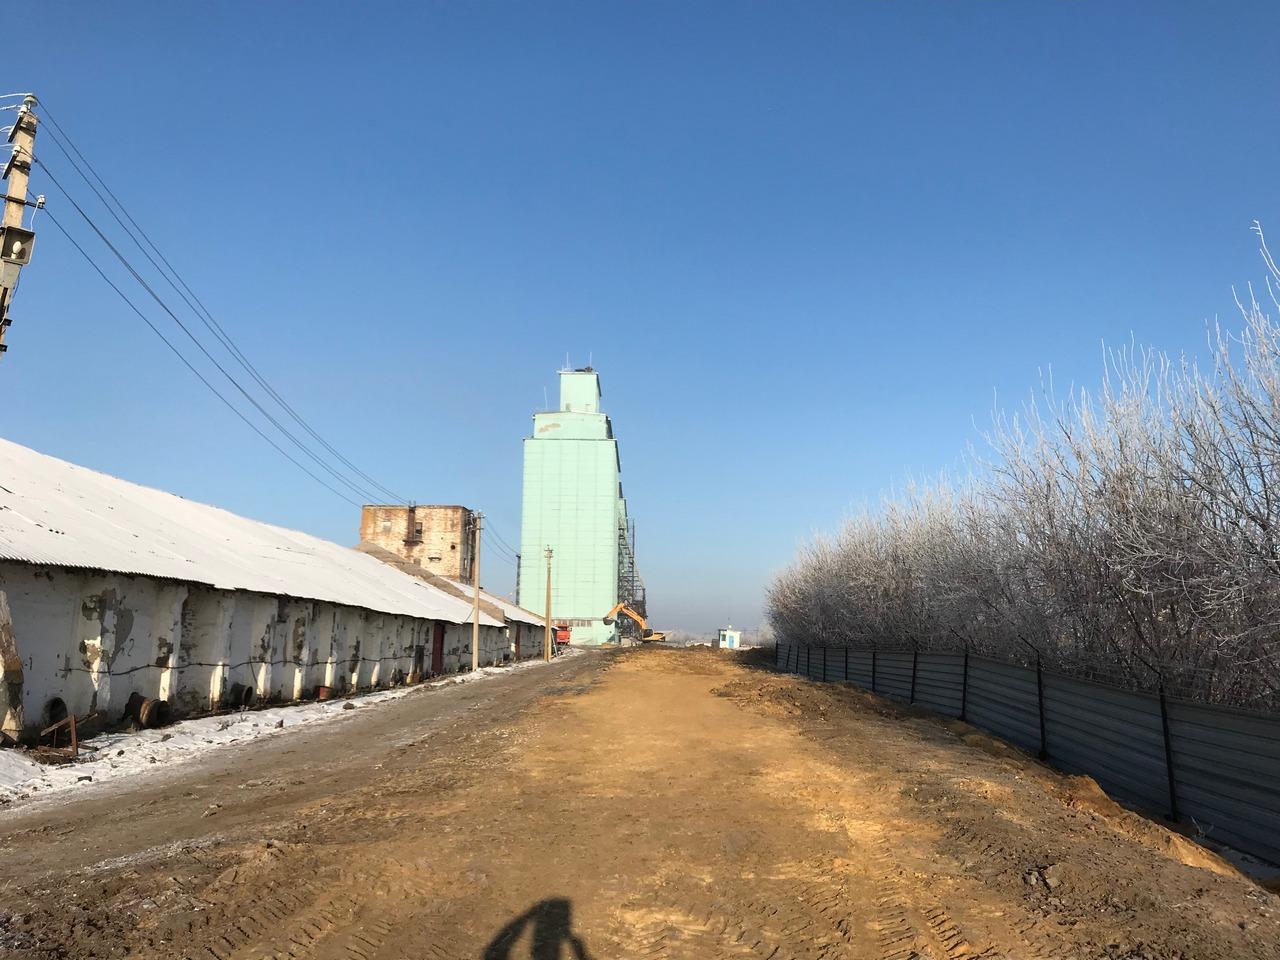 Ровная дорога, слева производственные сооружения